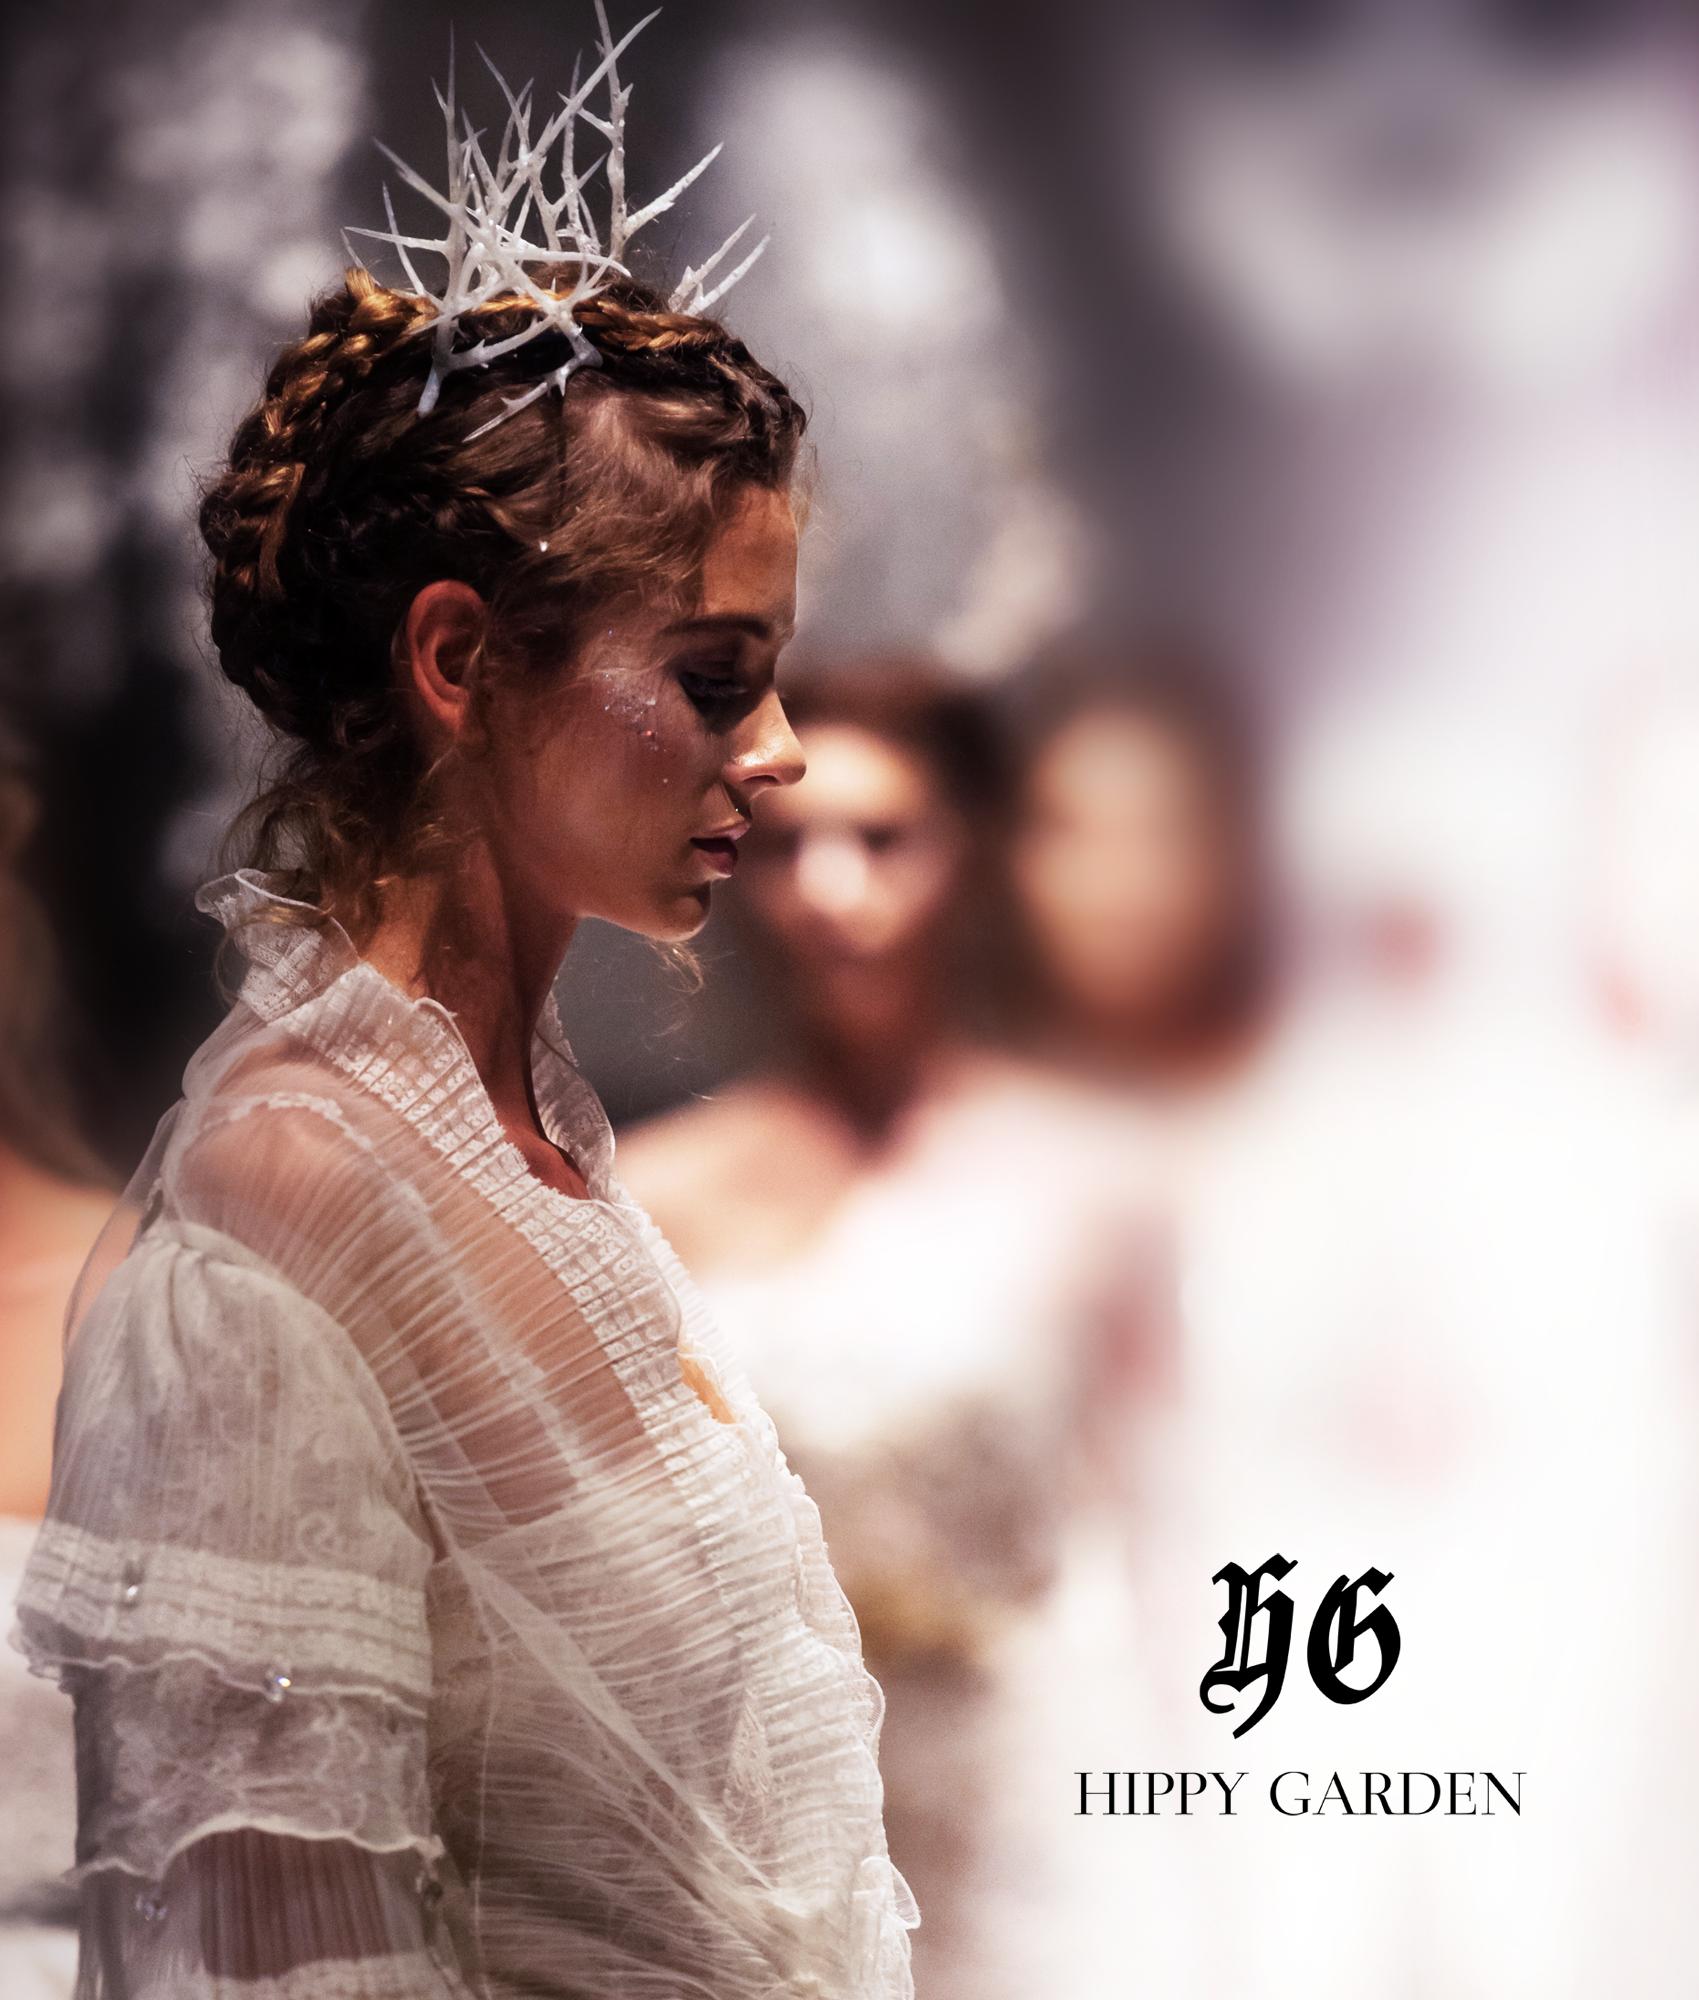 Hippy Garden Bridal Couture http://hippygarden.net/hippy-garden-bridal-couture-2014/?lang=hr  Showroom Masarykova 5 www.hippygarden.com  #fashion #brand #design #hippygarden #croatia #masarykova5 #bridalcouture